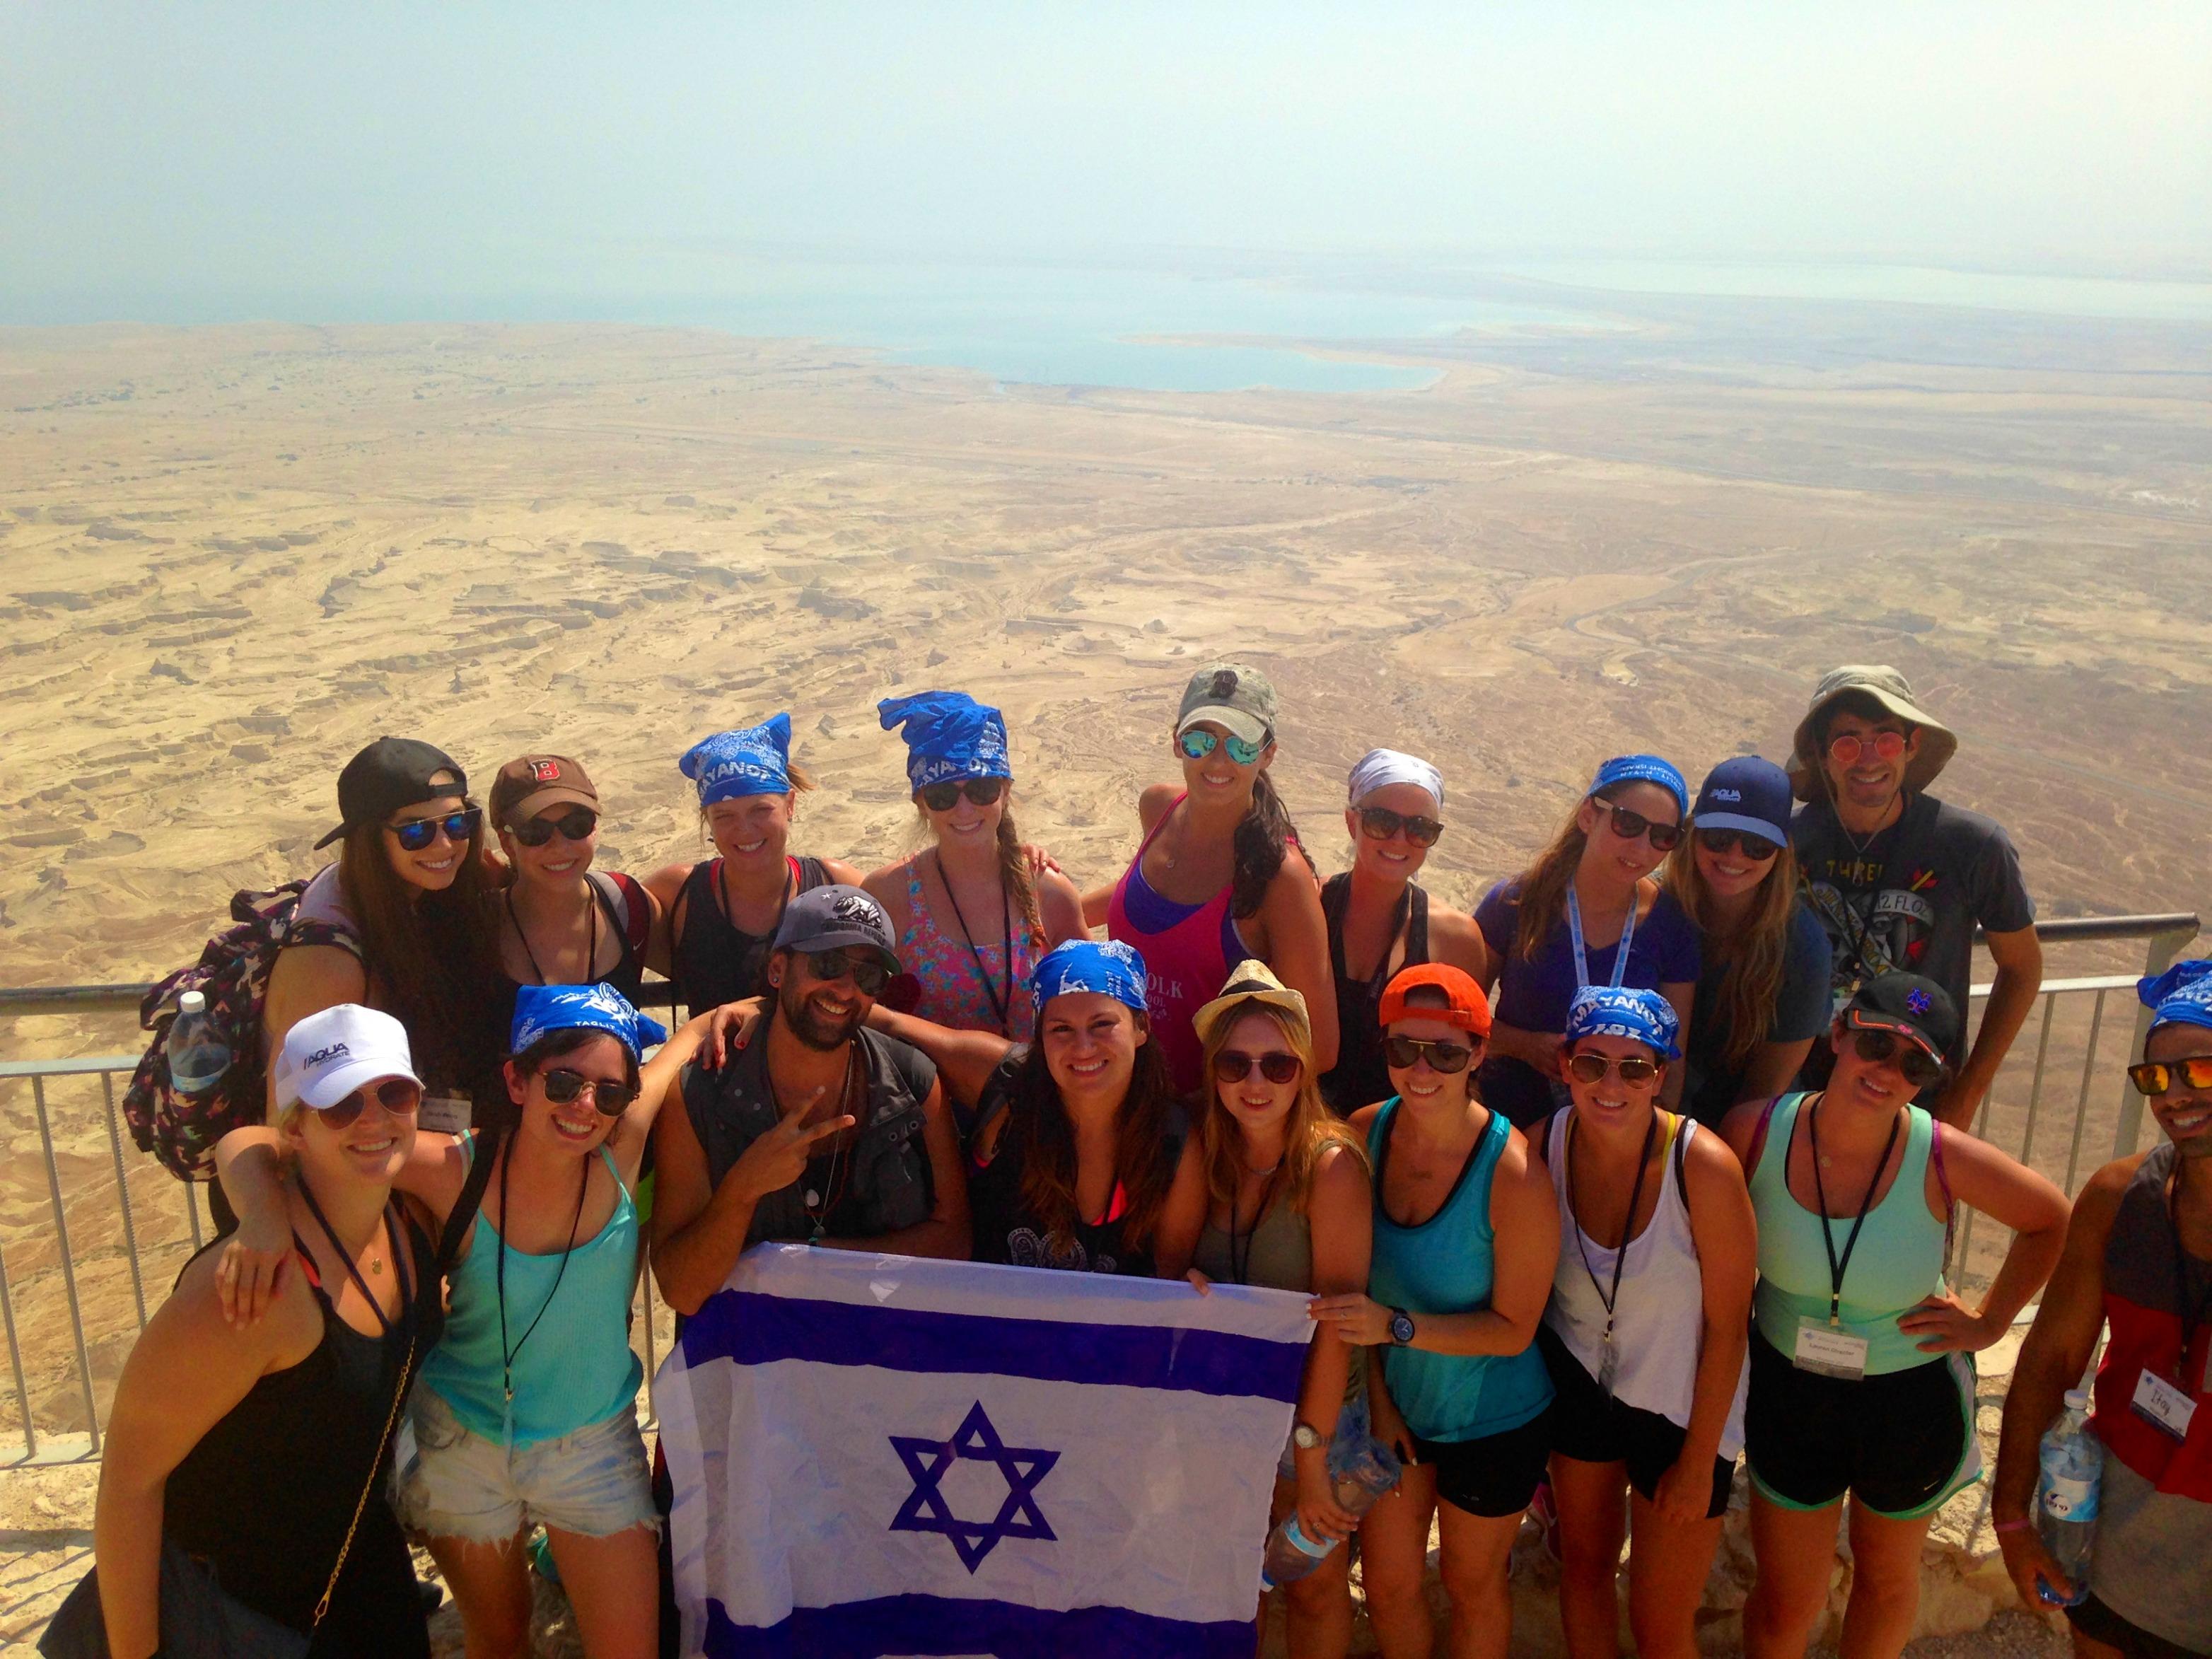 Masada_Group